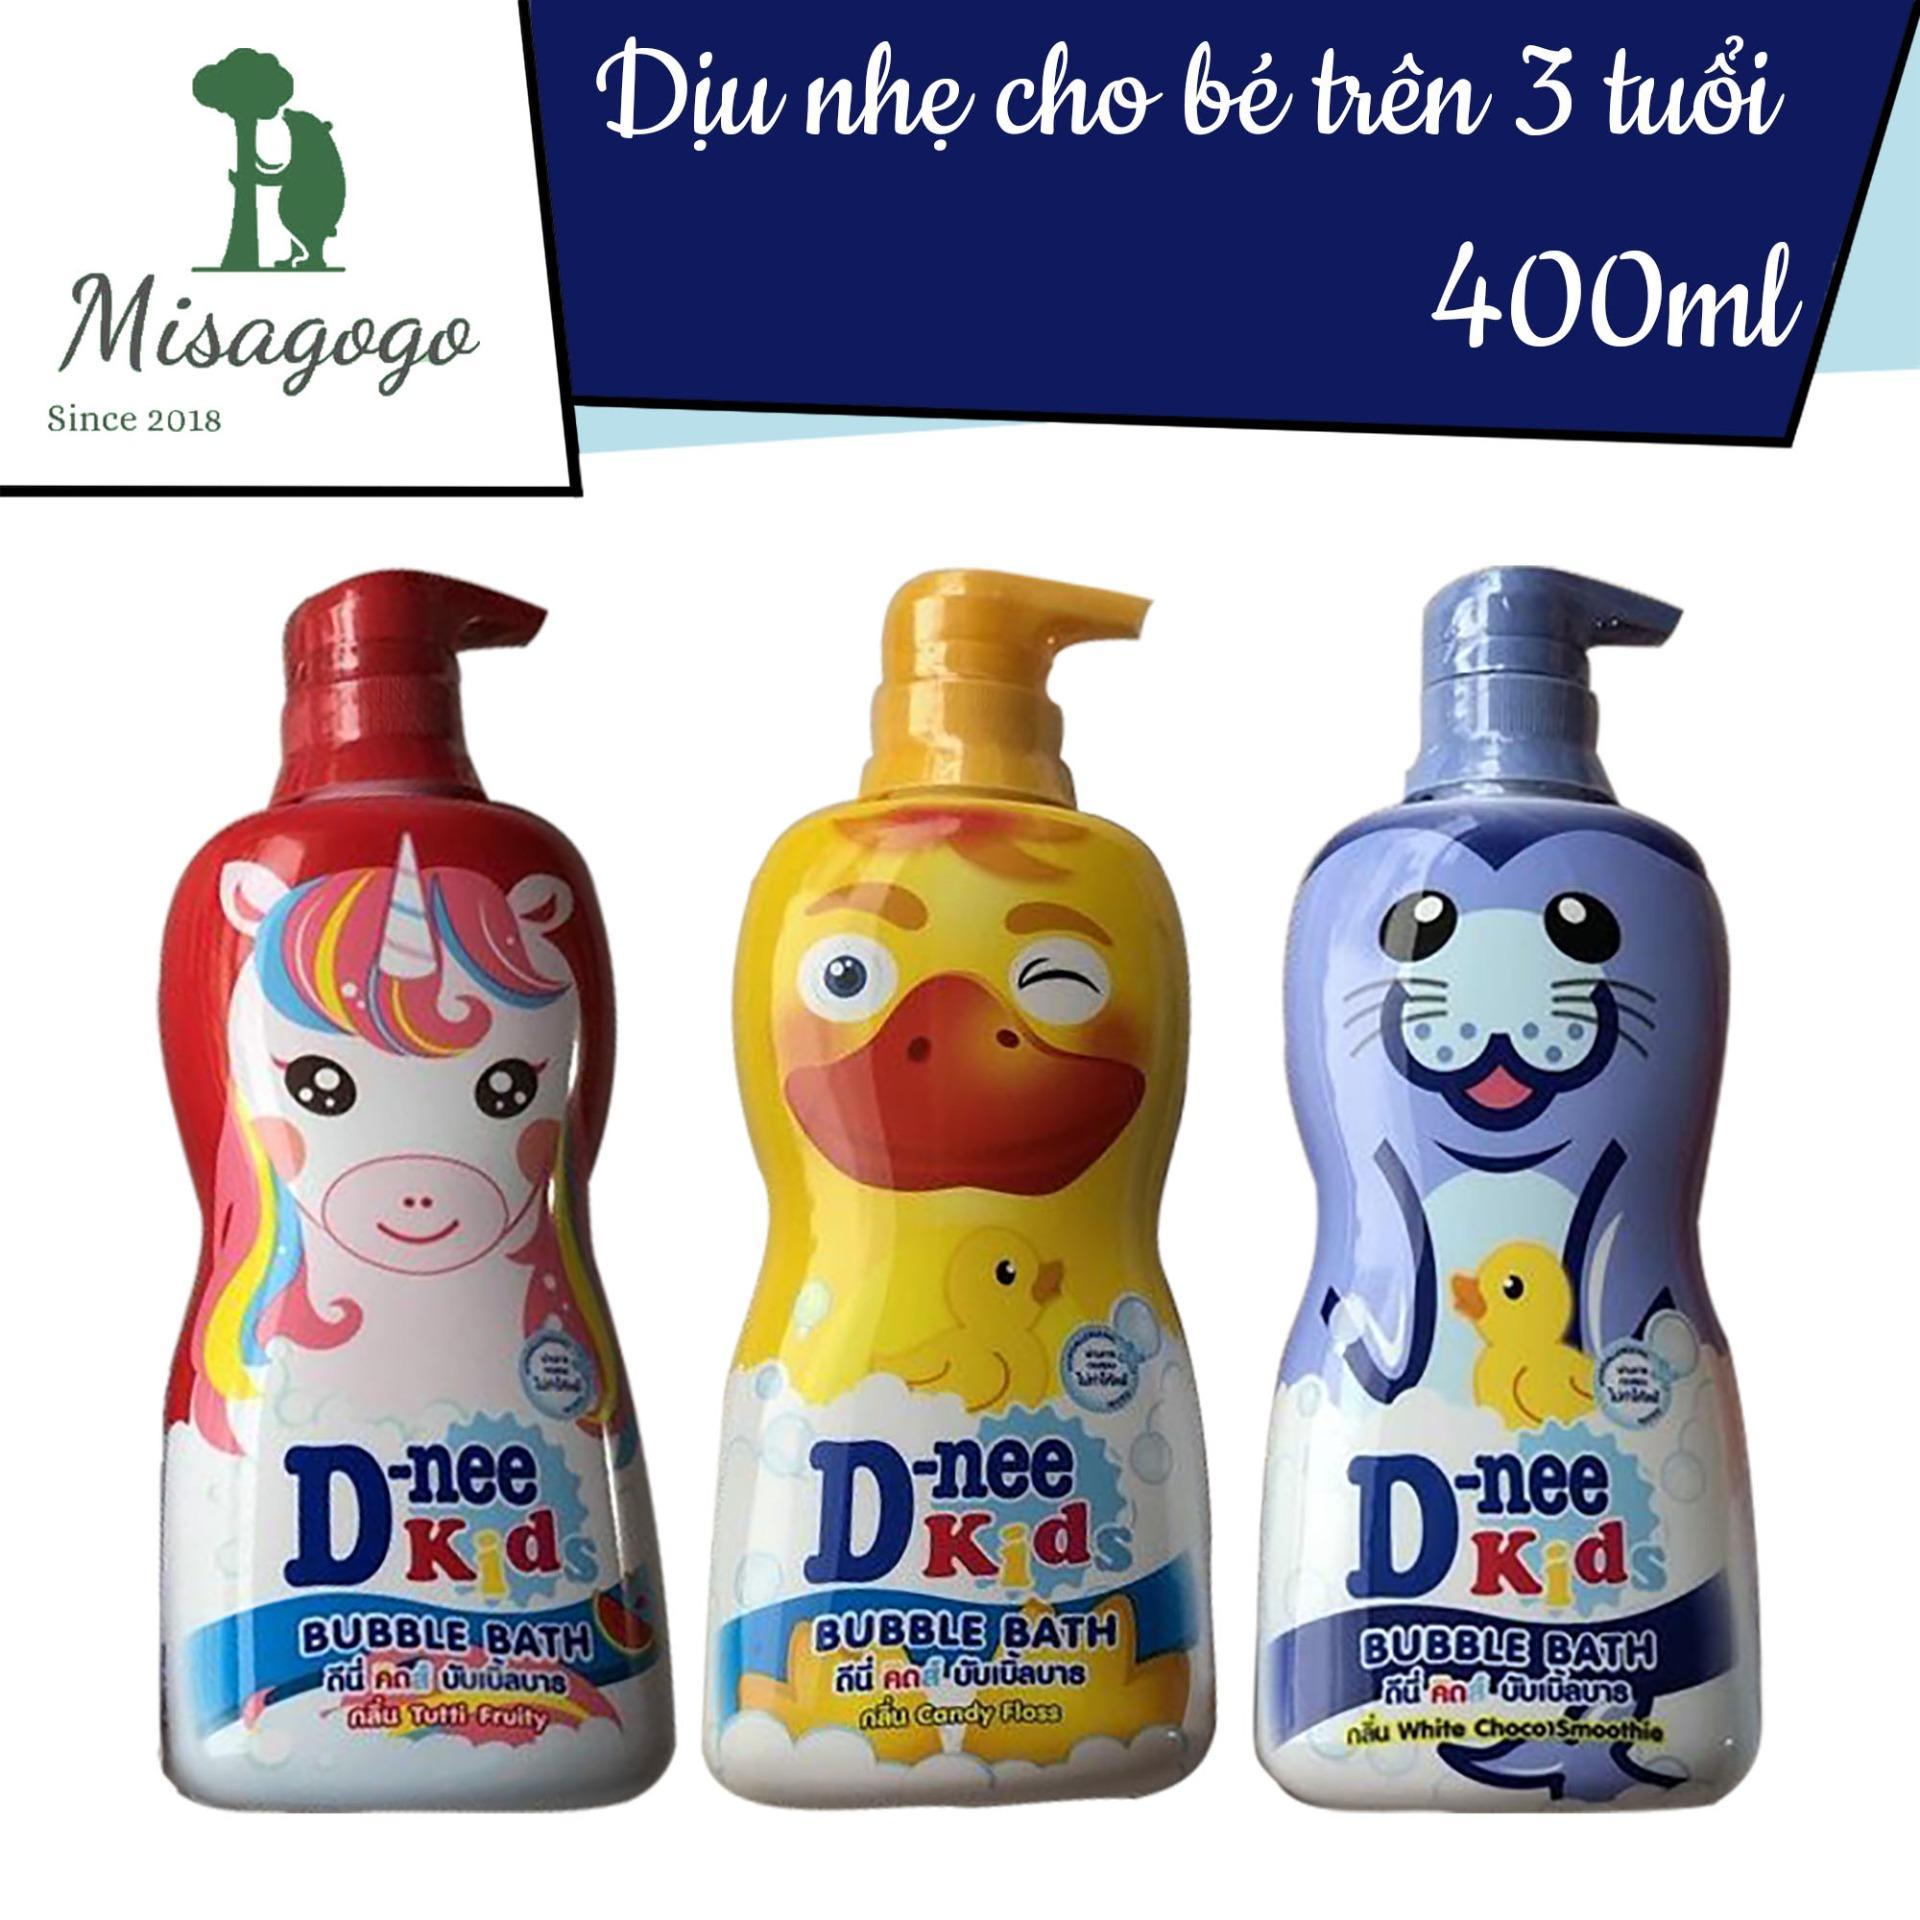 [Giảm giá sập sàn] Sữa tắm gội toàn thân D-nee...